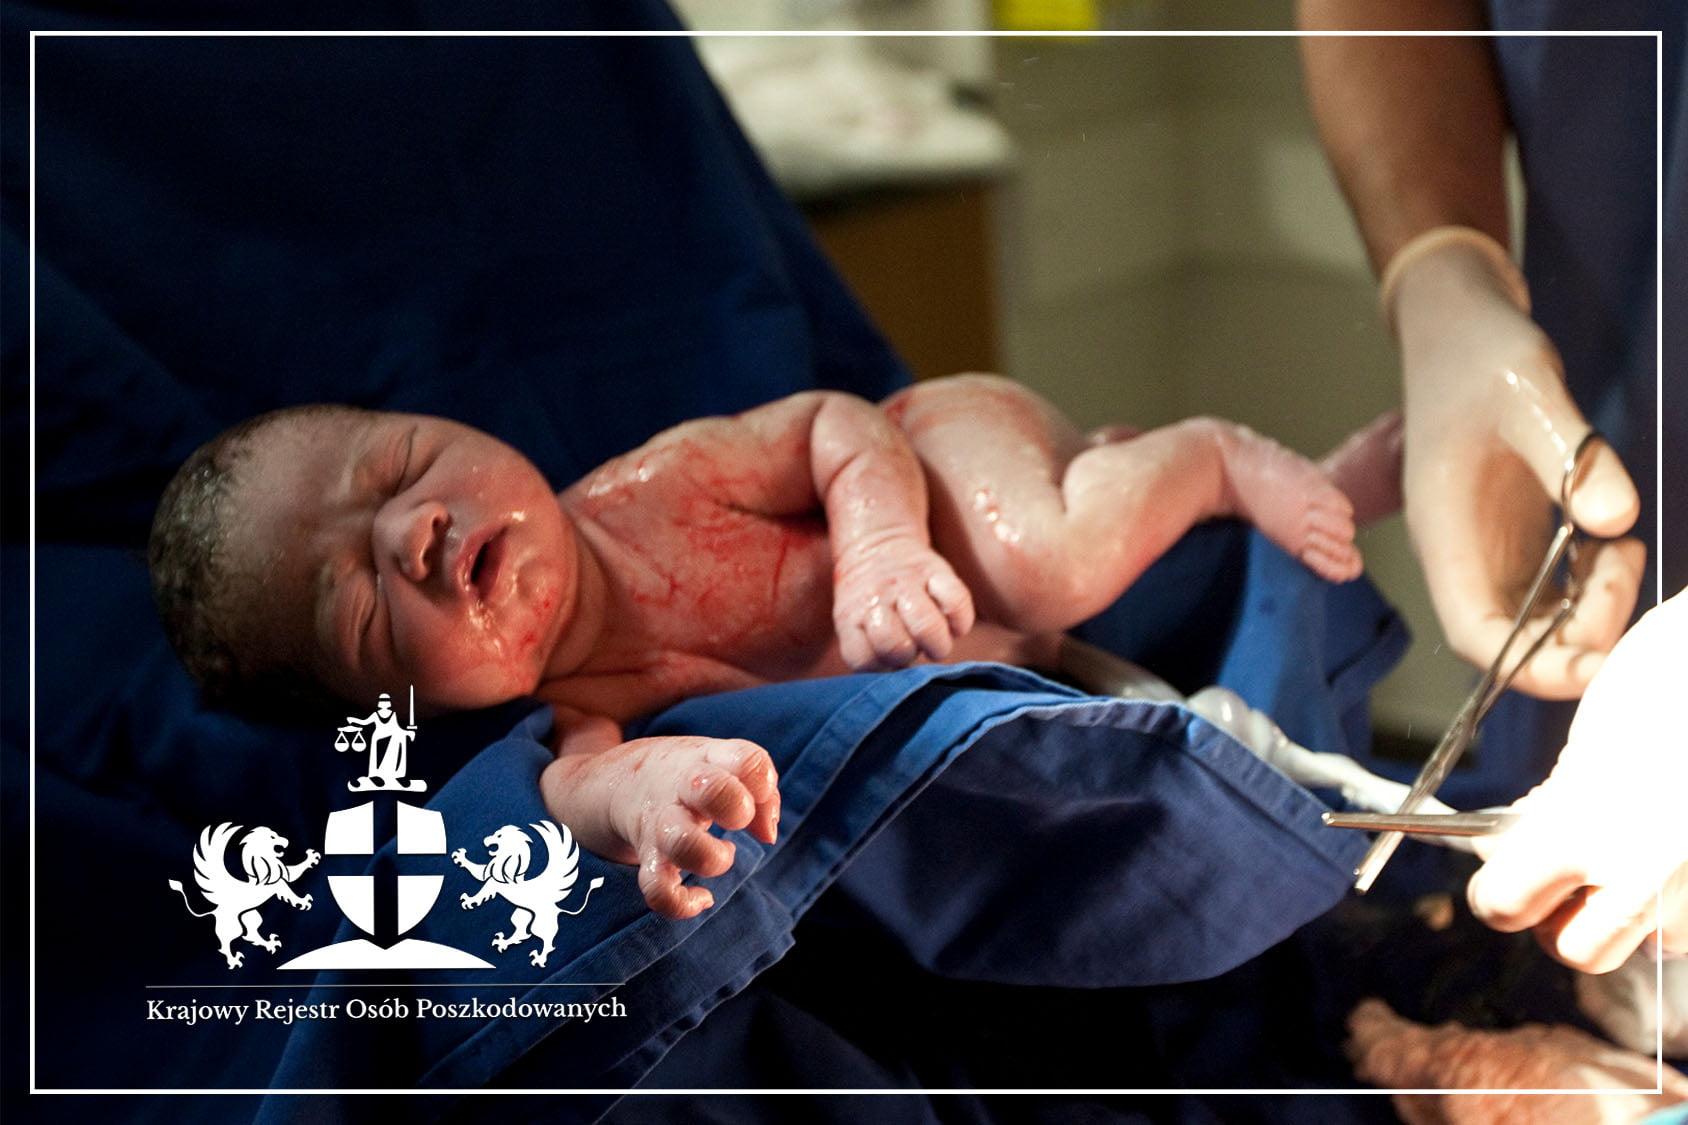 Śmierć noworodka w trakcie porodu